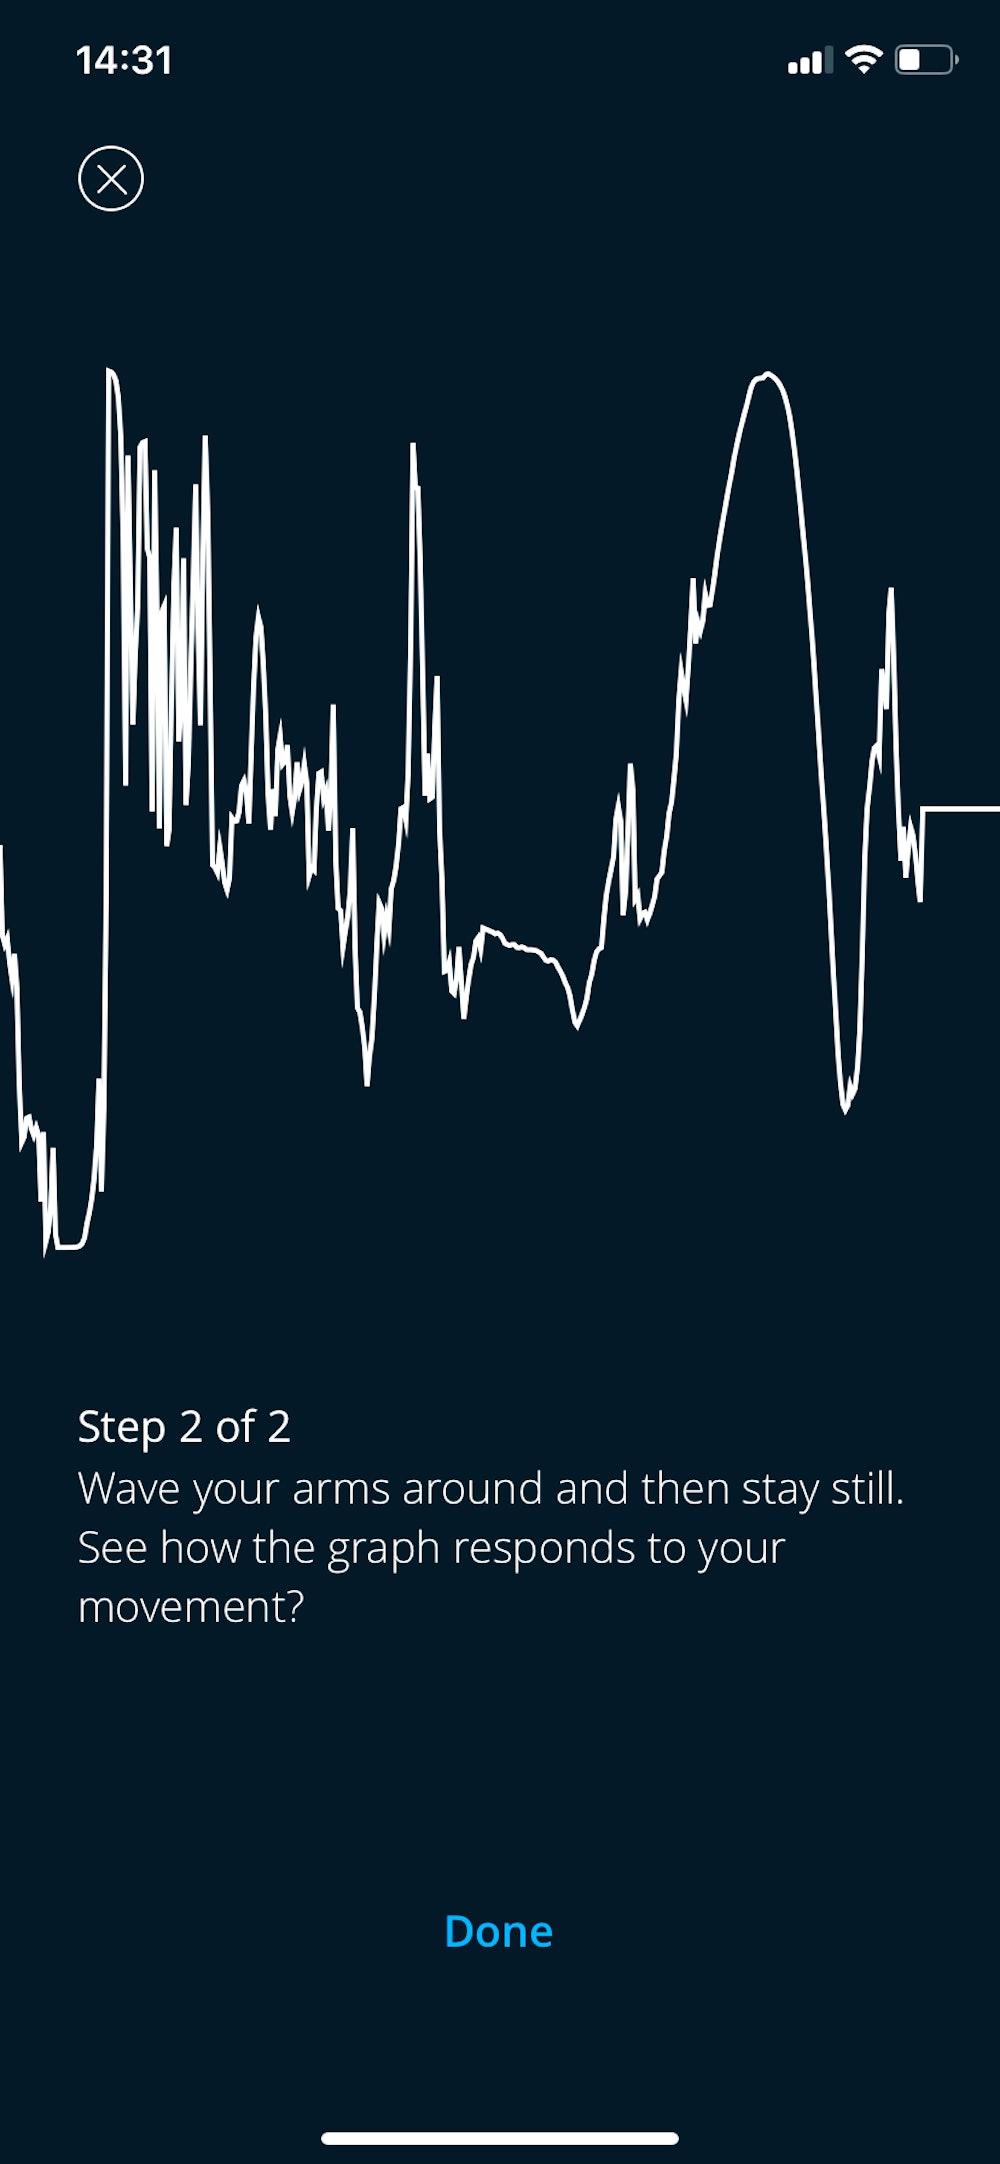 SleepScore2